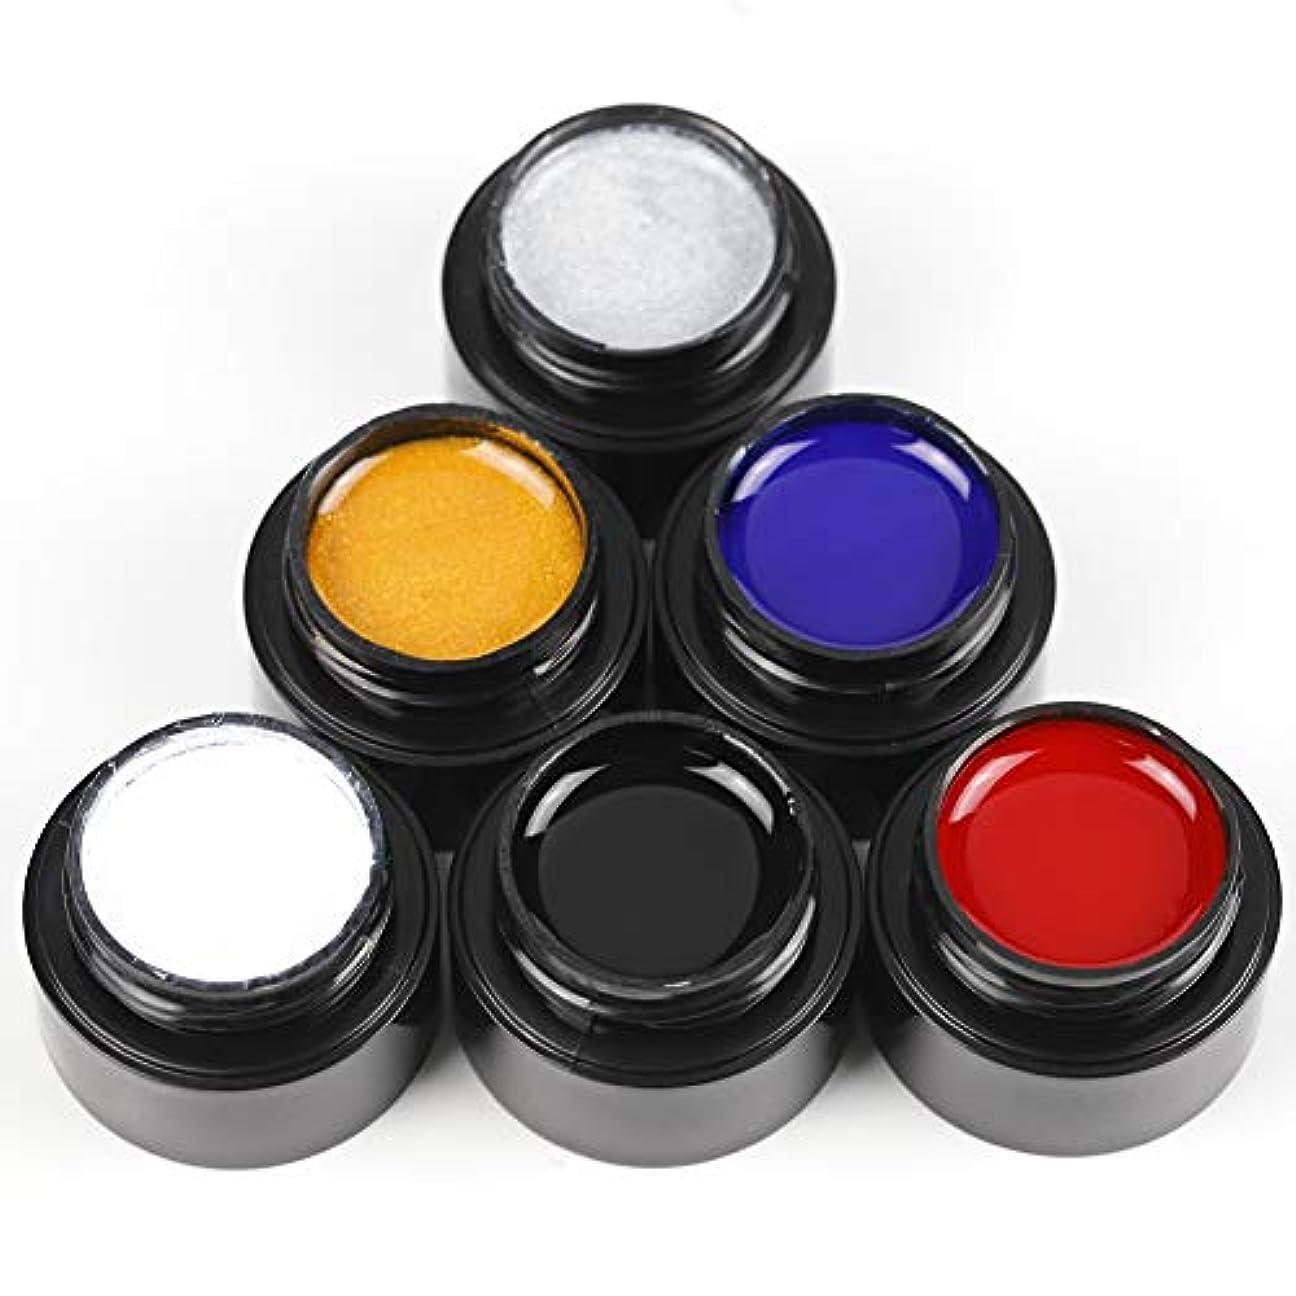 Twinkle Store ライナージェル 5ml 6ボトルセット 6色入り カラージェル ジェルネイルカラー UV/LED 适用 ネイルアートジェル